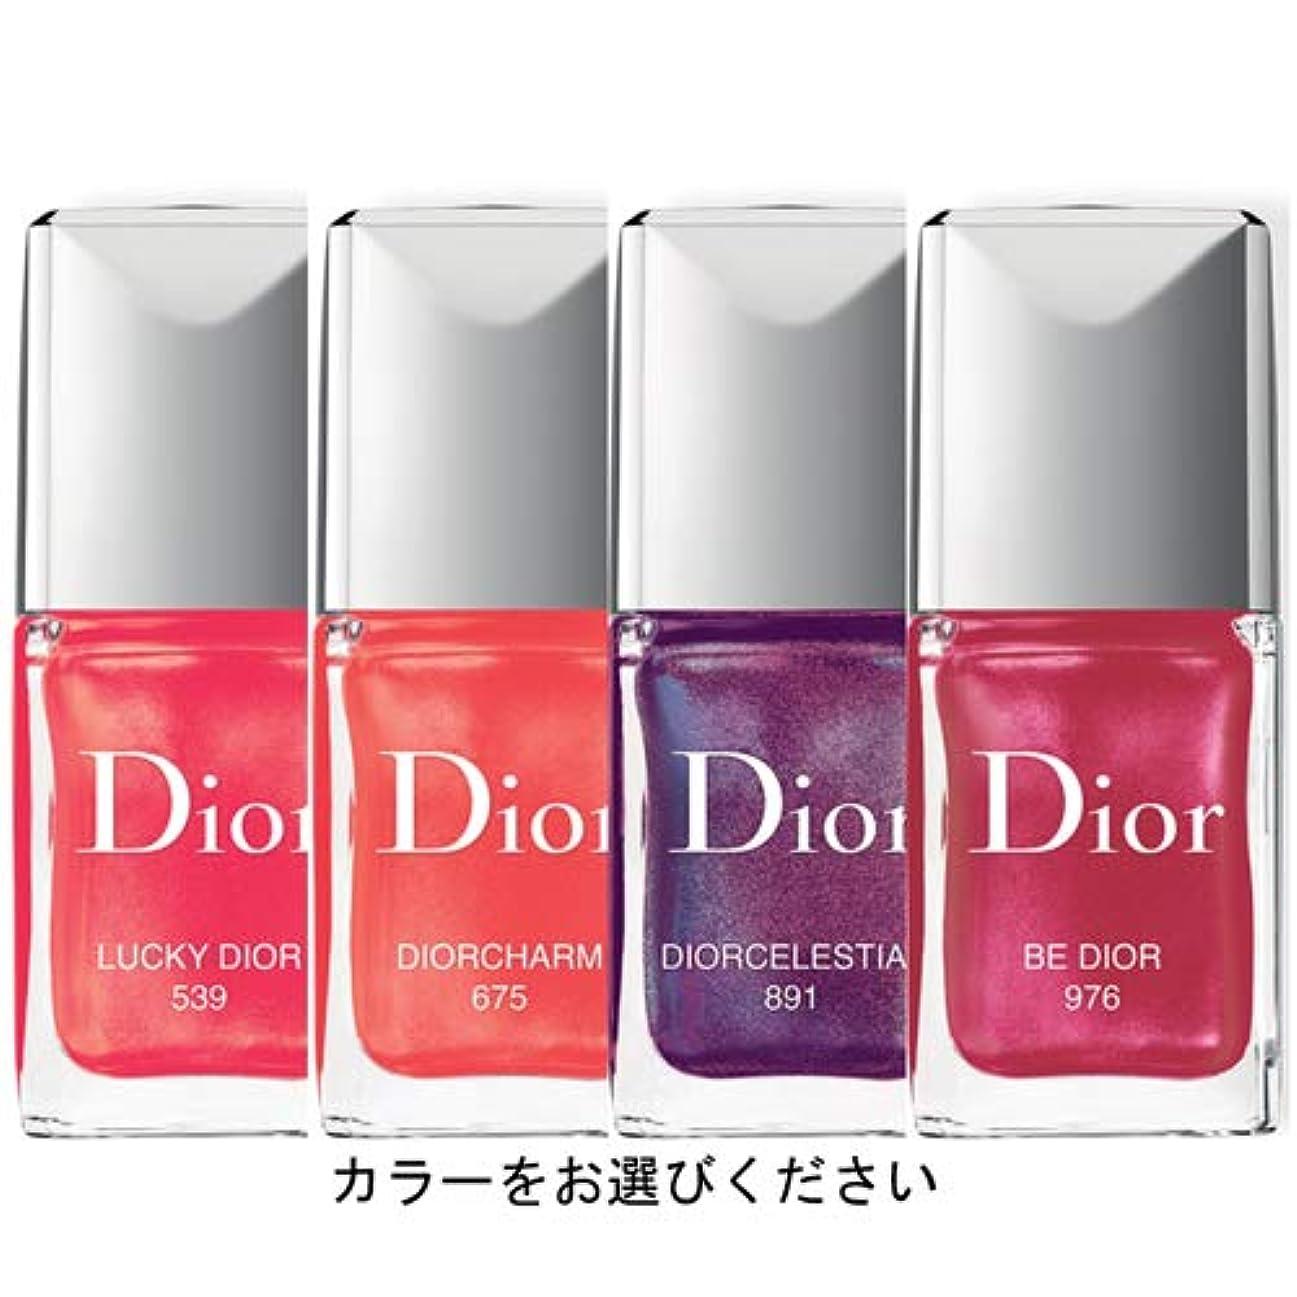 ベッド全く知事Dior(ディオール) ディオール ヴェルニ 19 ステラーシャイン限定 10ml (891 ディオールセレスティアル)